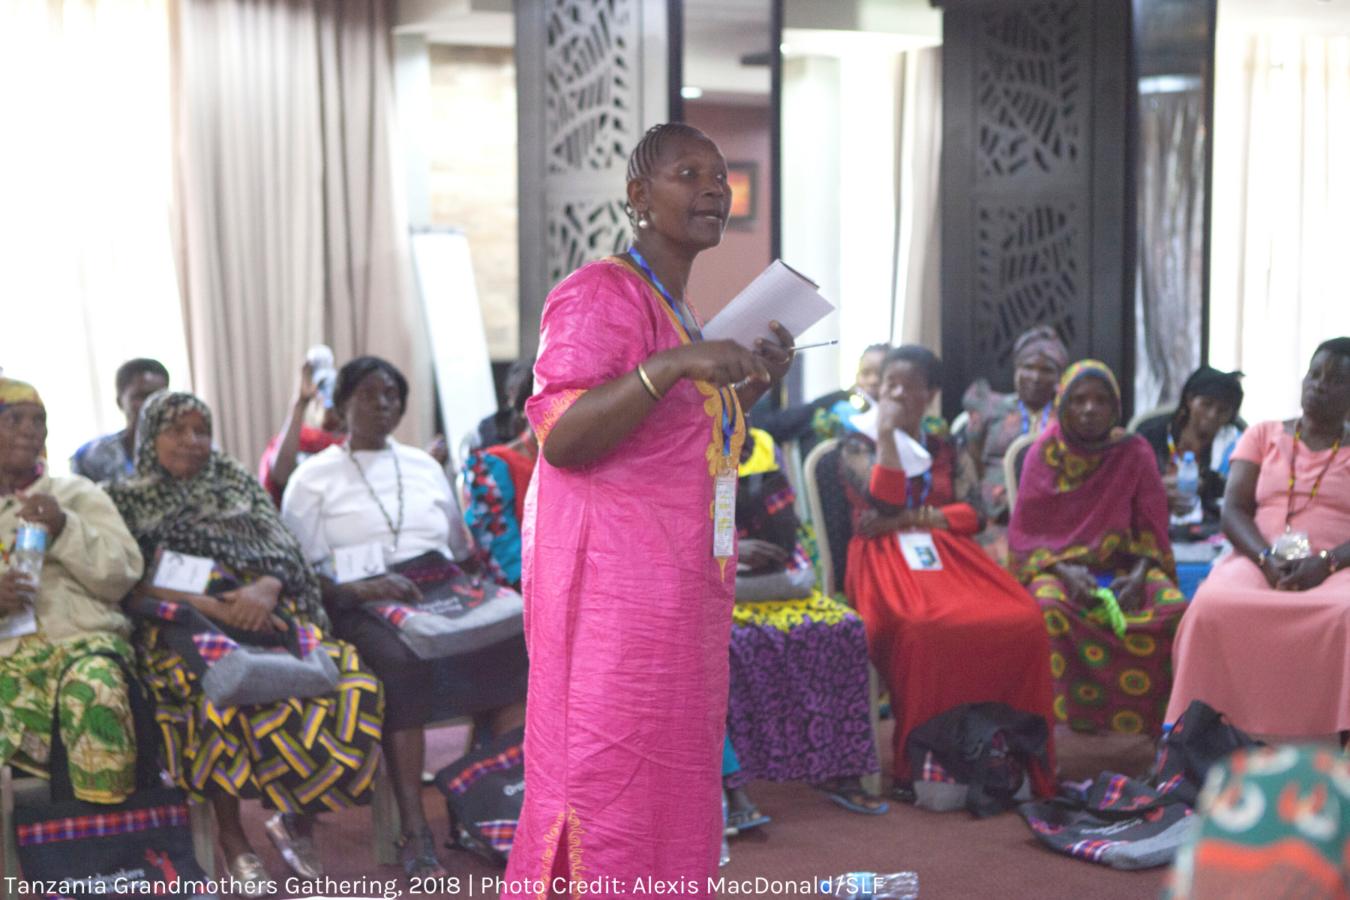 Tanzania Grandmothers Gathering